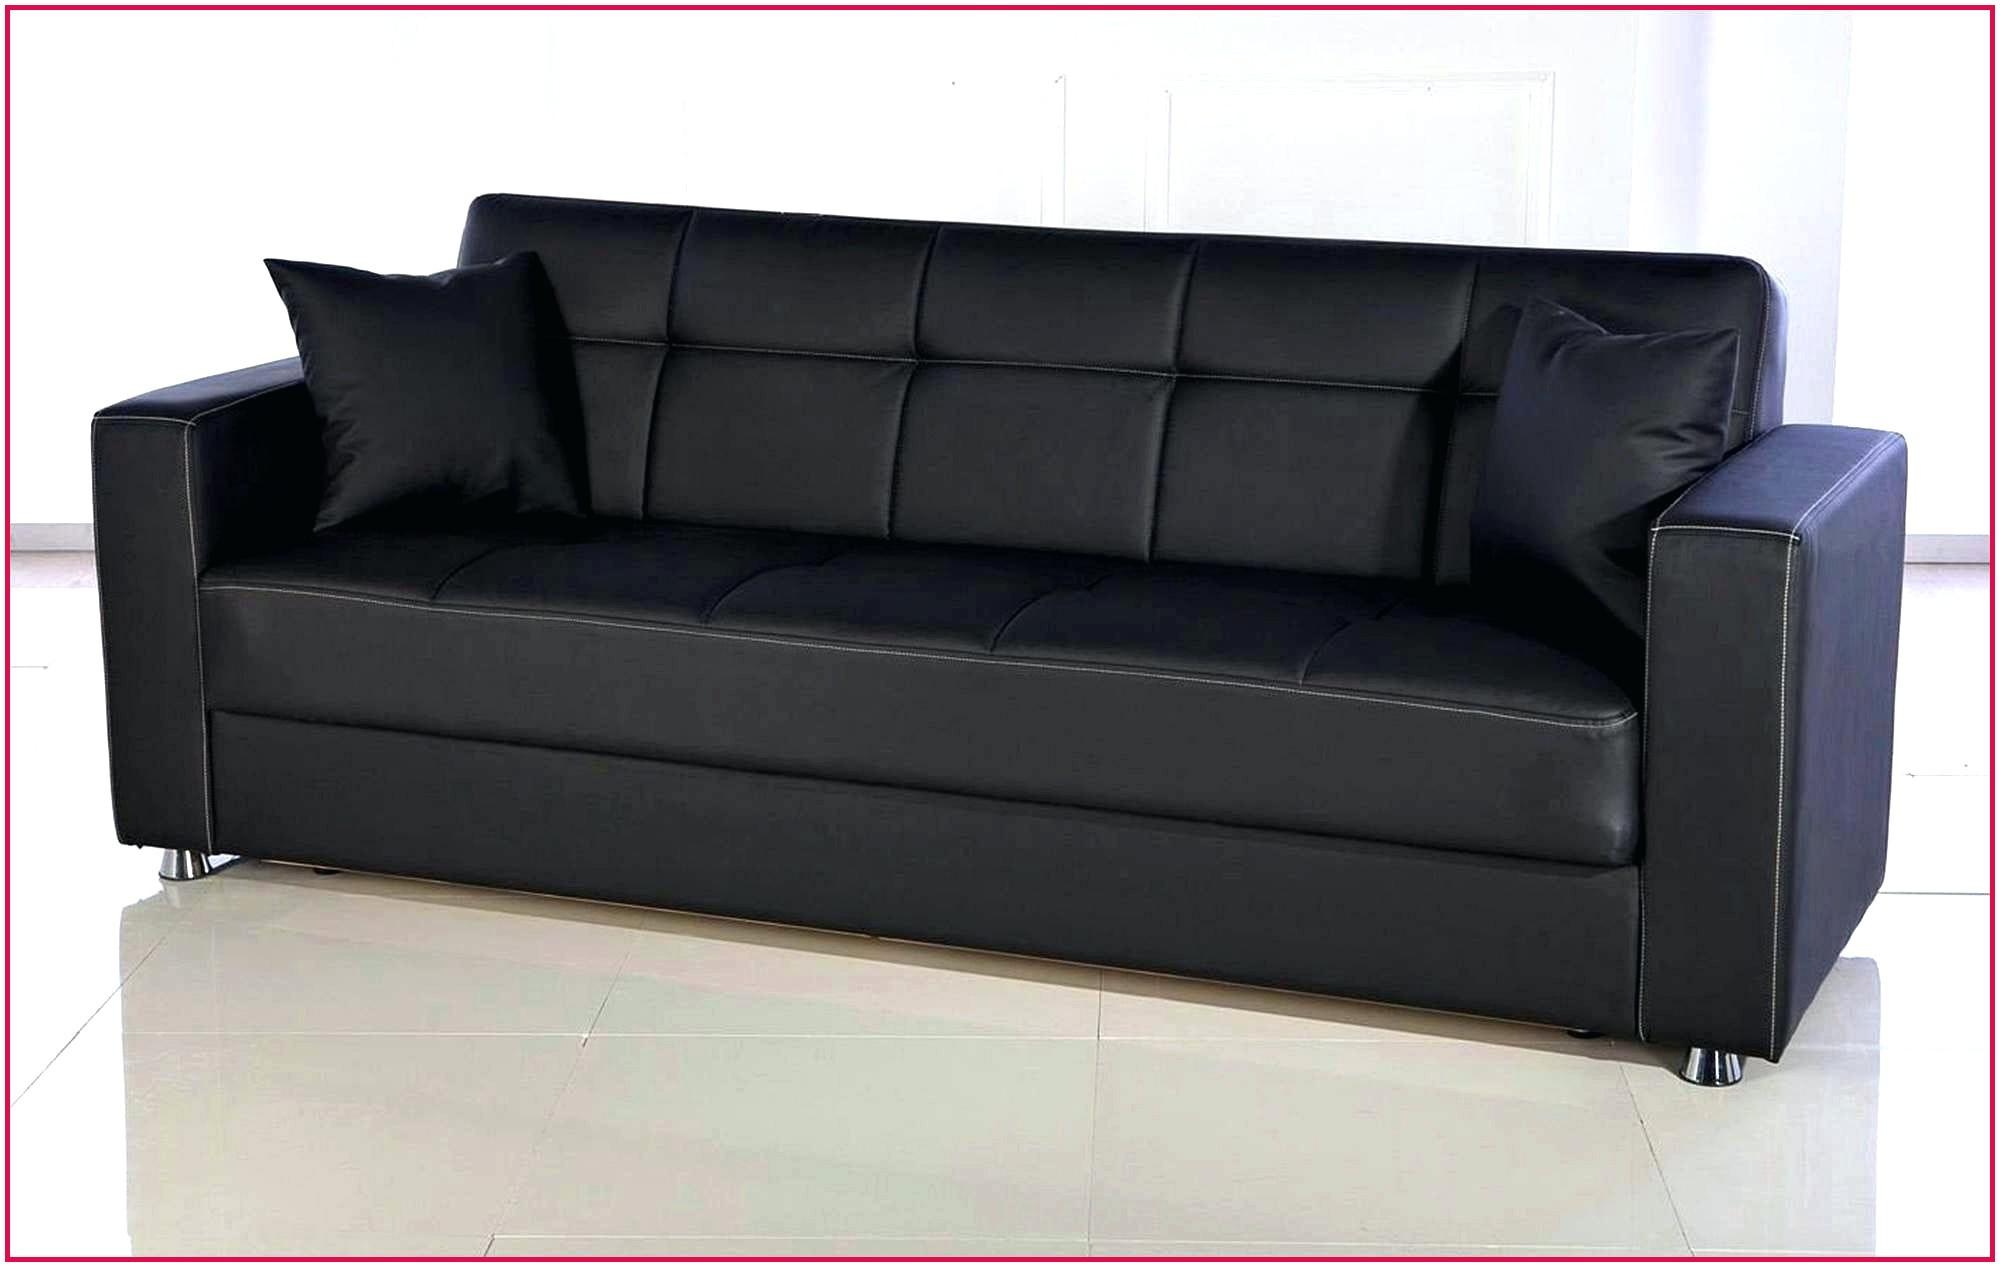 Canapé Convertible Ikea Occasion Inspirant Images 16 Frais Canapé Bas Clintonvillearts